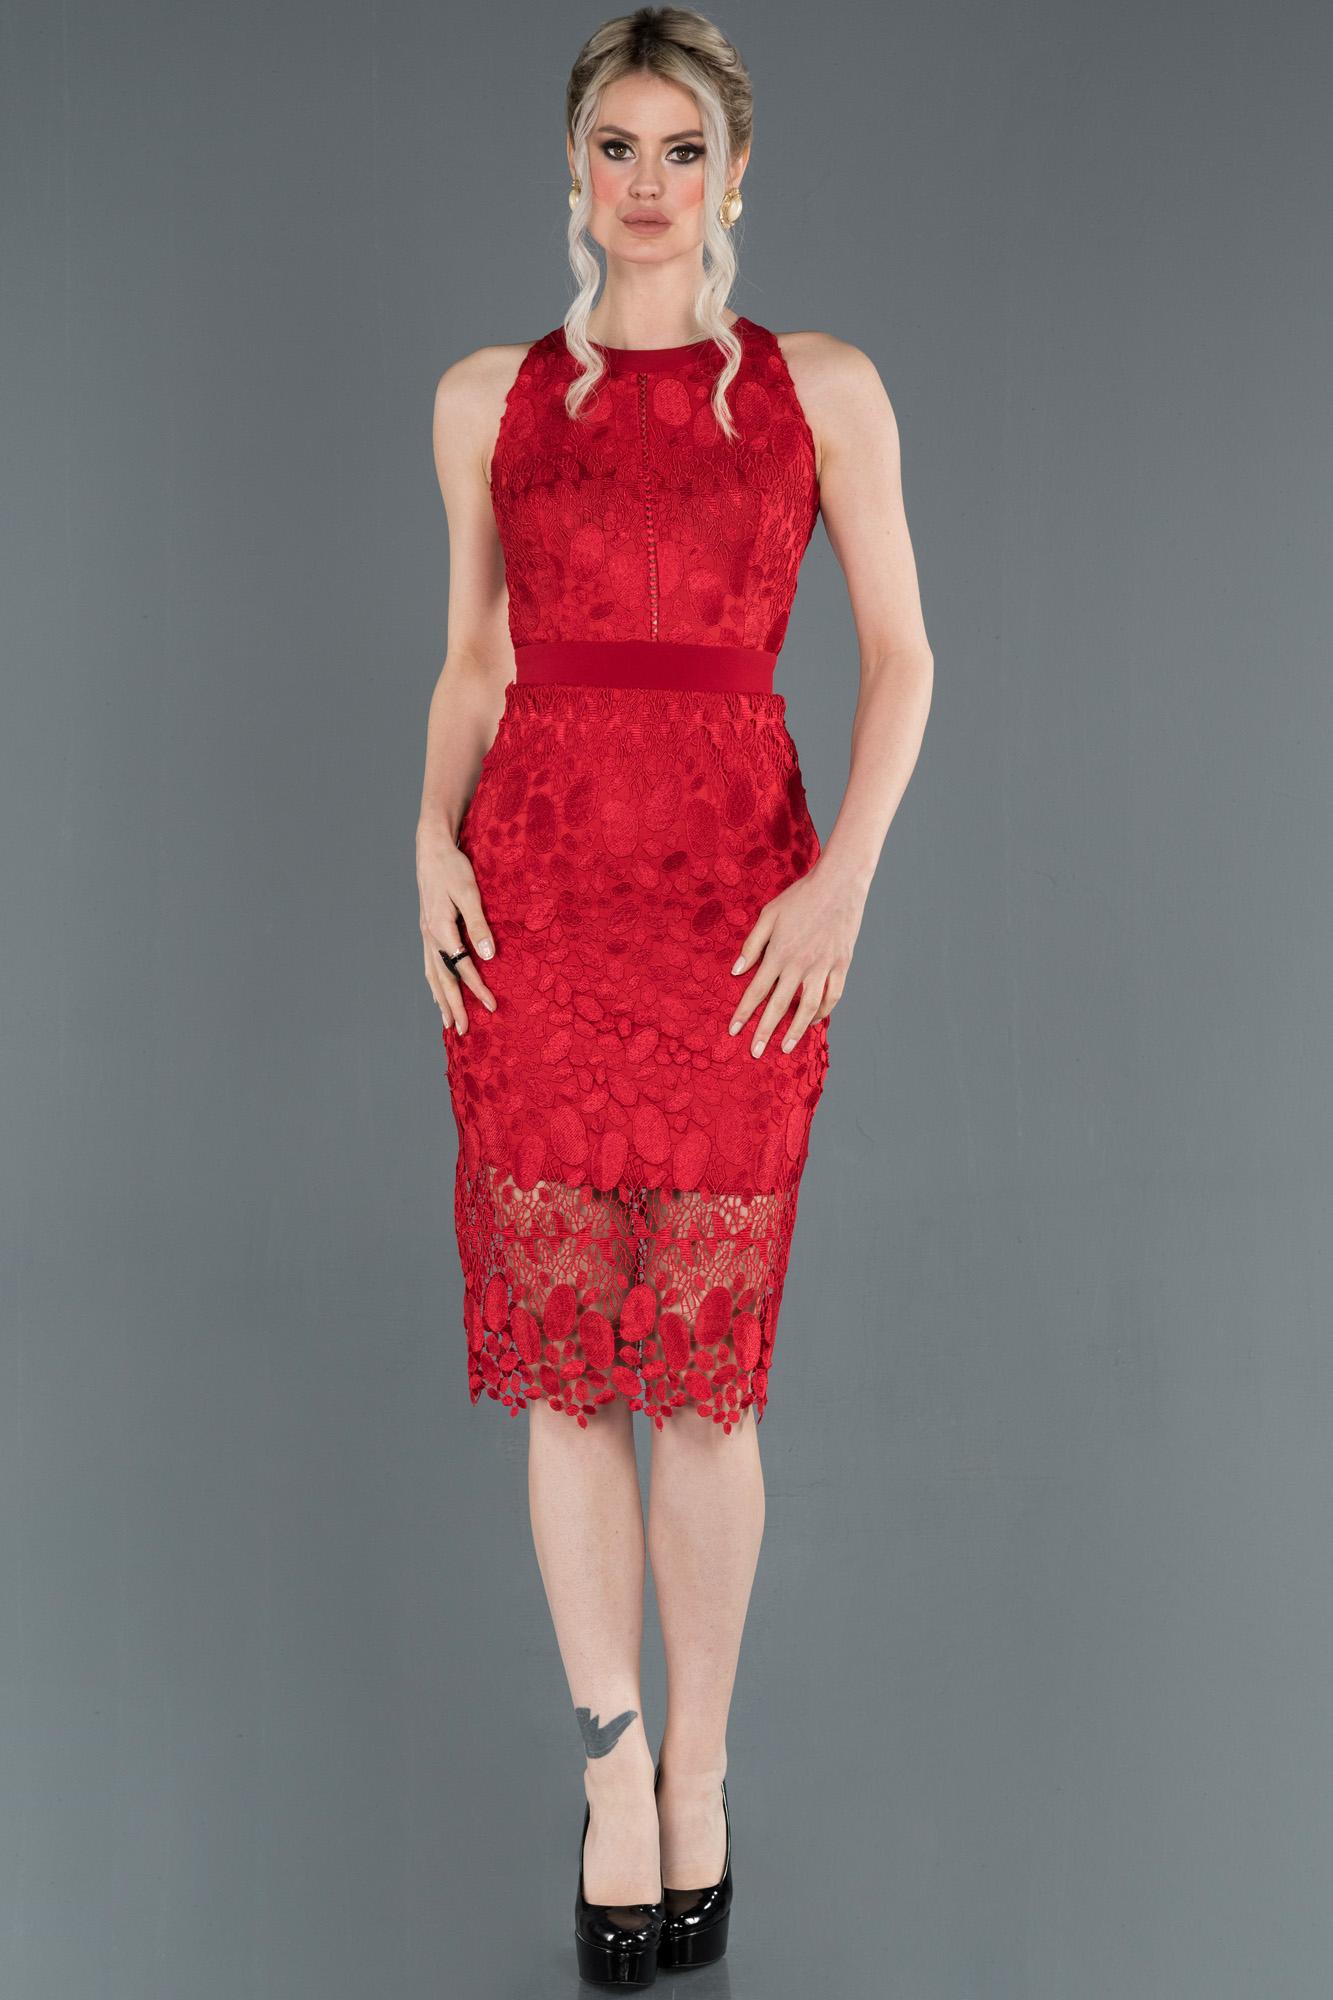 Kırmızı Kısa Dantelli Dekoltesiz Davet Elbisesi